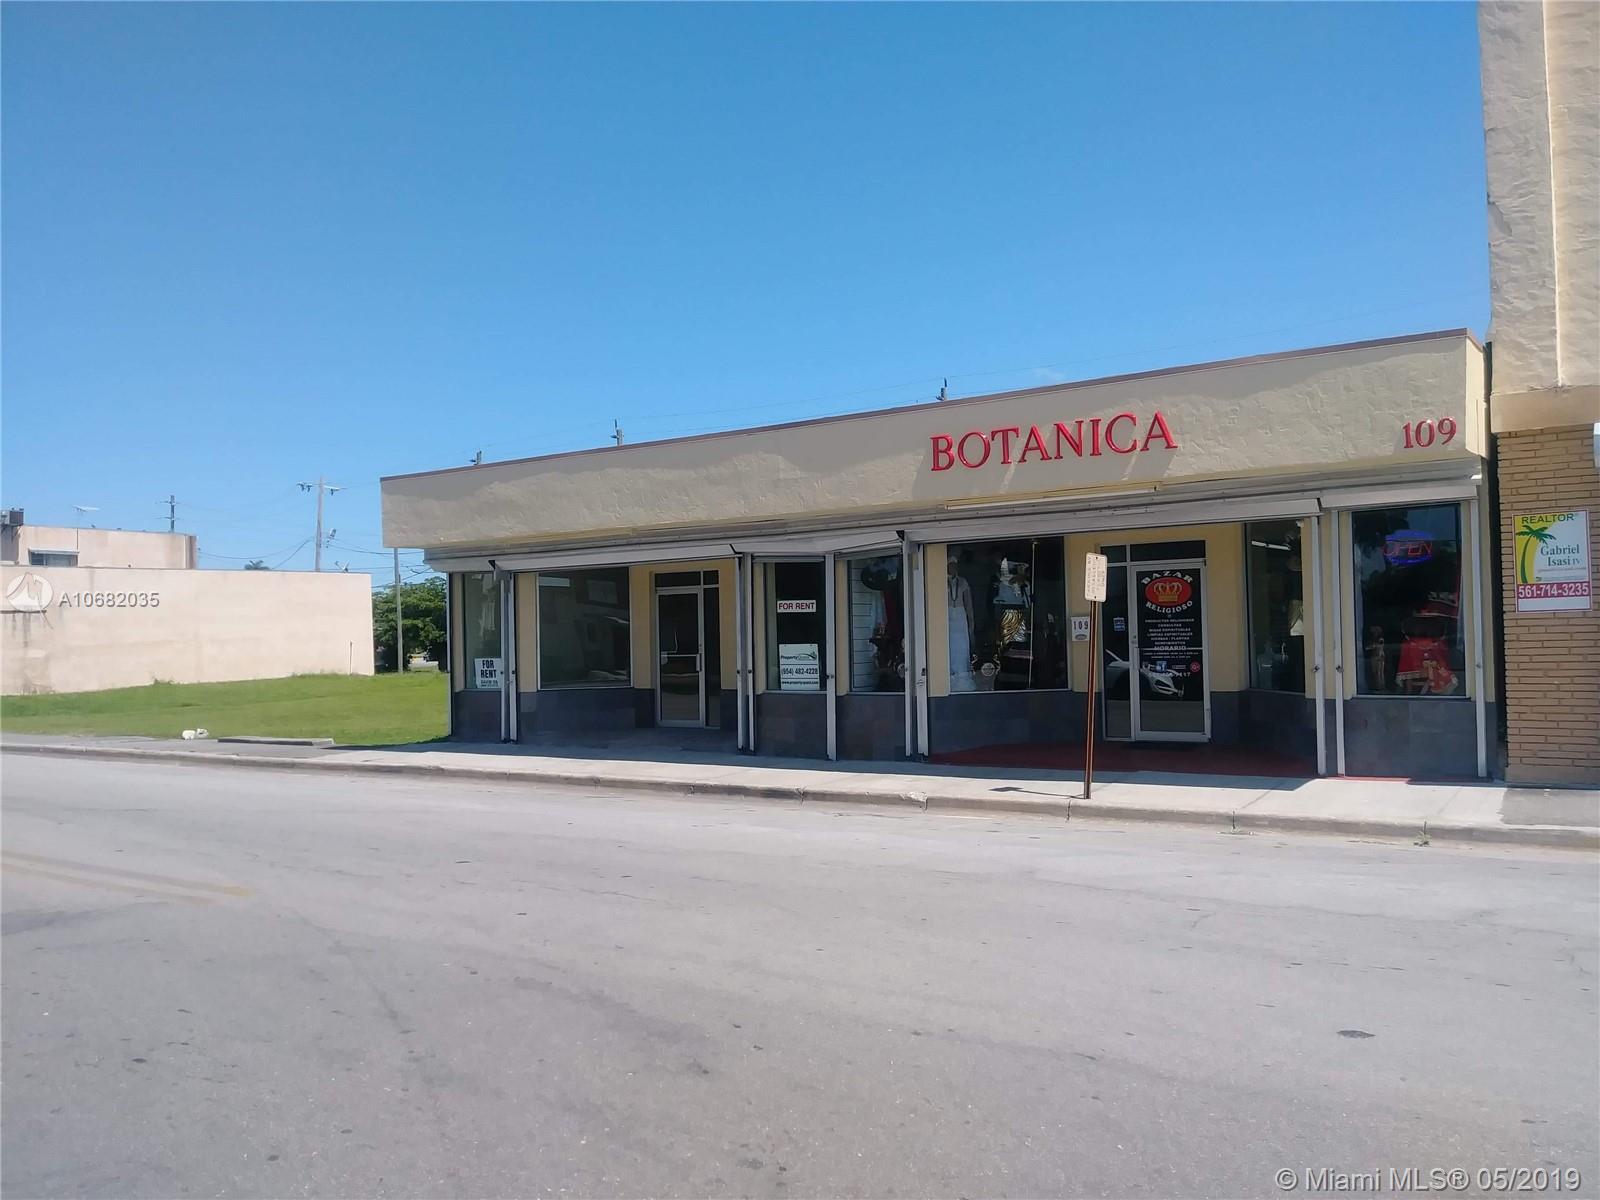 117 W Avenue A #109 & 117, Belle Glade, FL 33430 - Belle Glade, FL real estate listing